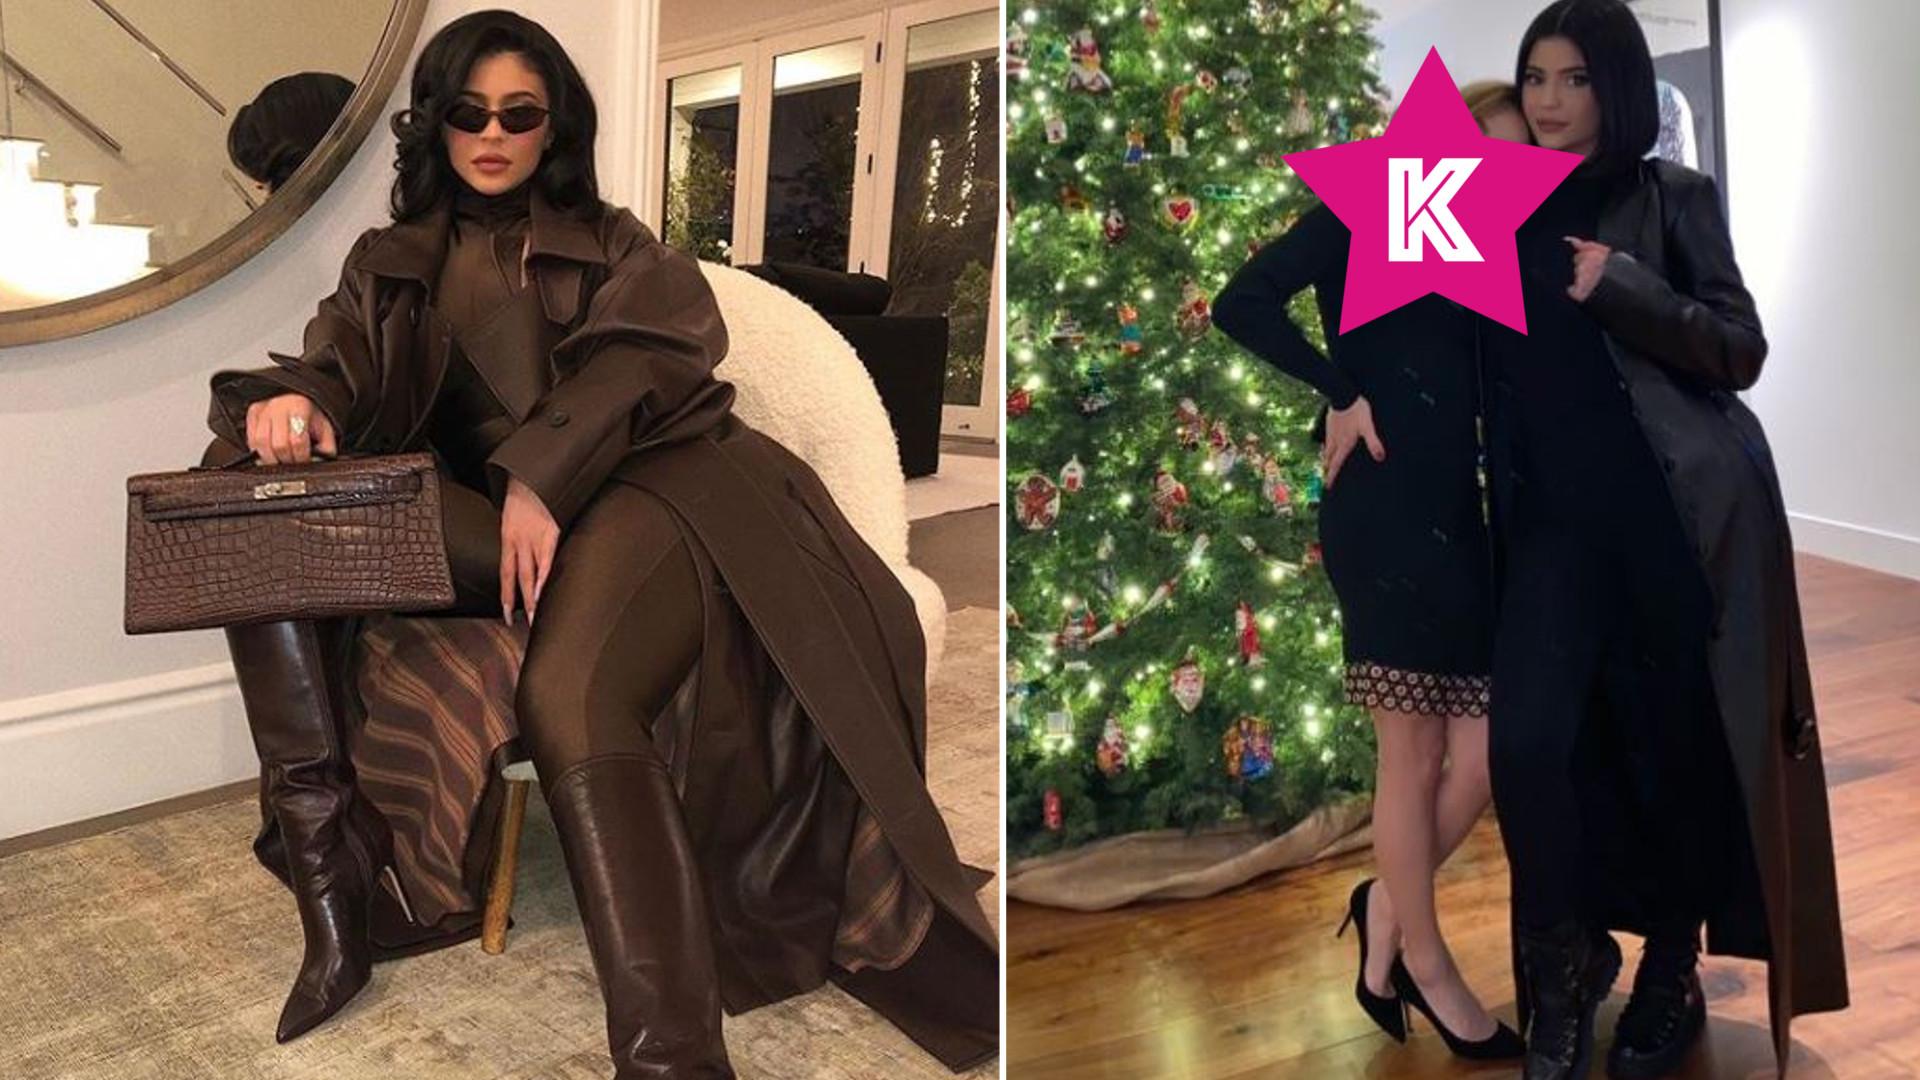 Kim jest tajemnicza kuzynka Kylie Jenner? Natalie Zettel jest zaginioną siostrą bliźniaczką Kardashianek?